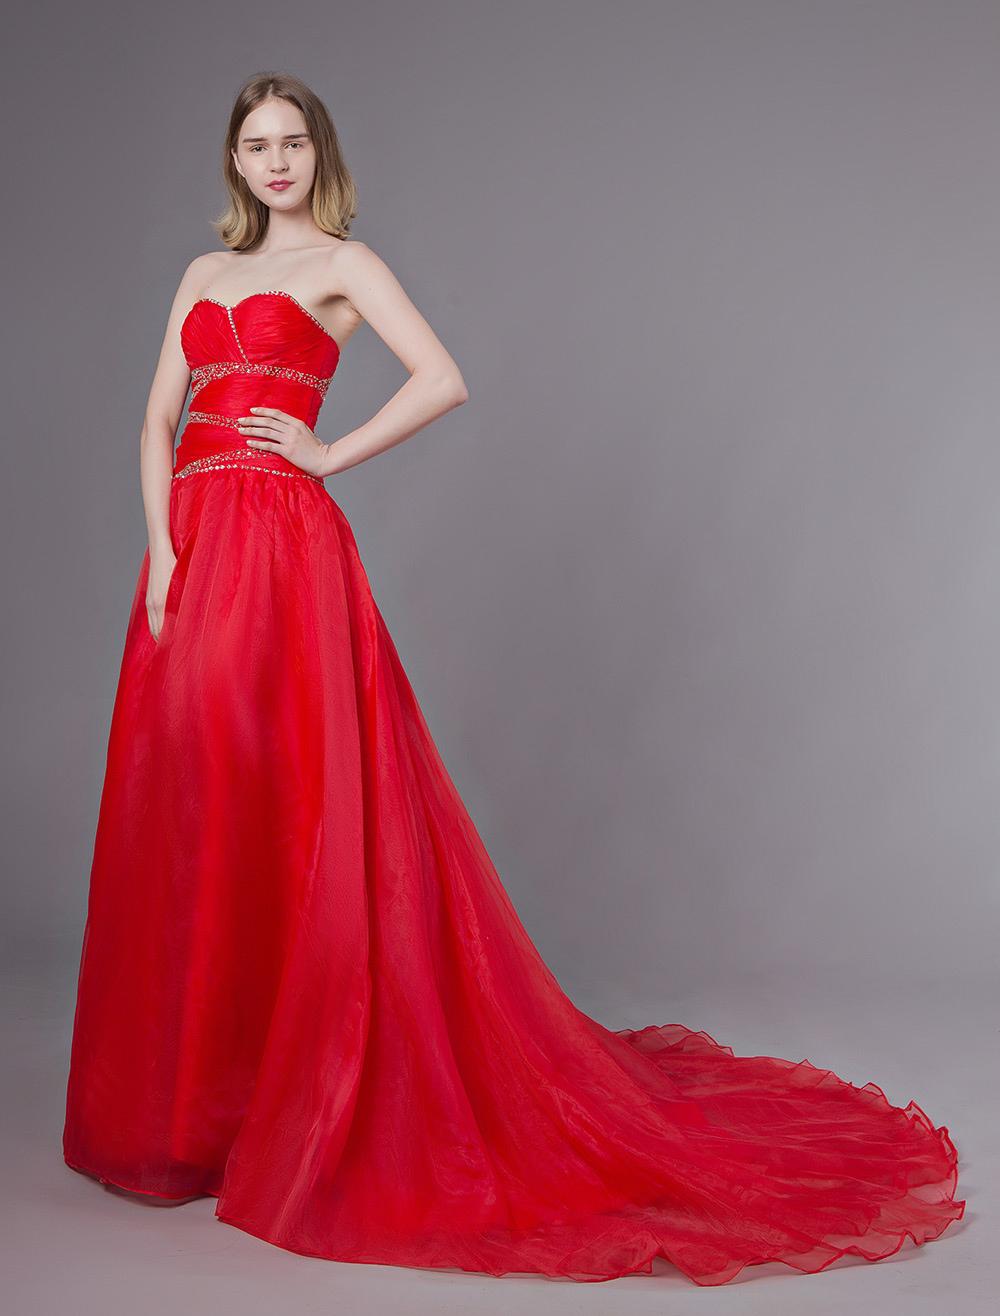 0eaf8feee94a Abiti da sposa rossi Abiti da cerimonia senza spalline in organza con  perline senza spalline- ...